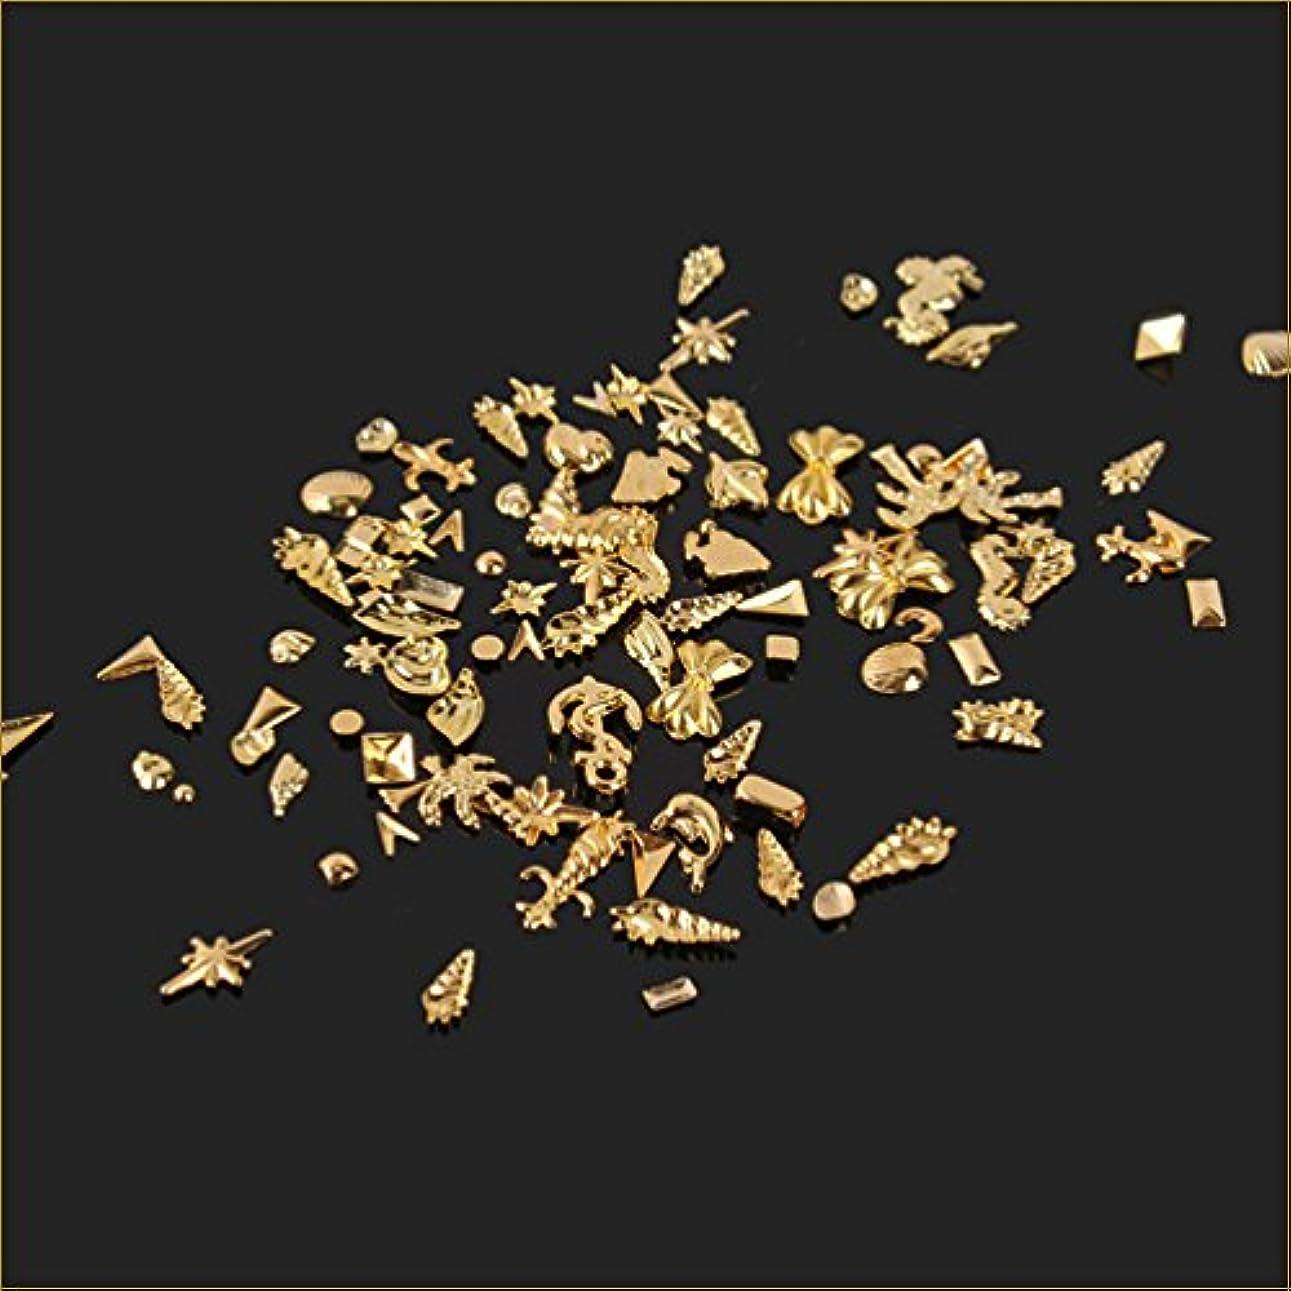 インタネットを見る感じ敵意ネイルパーツ シェルパーツ ネイルアートパーツ 貝海系 100個入りサマーゴールド スタッズ ジェルネイル